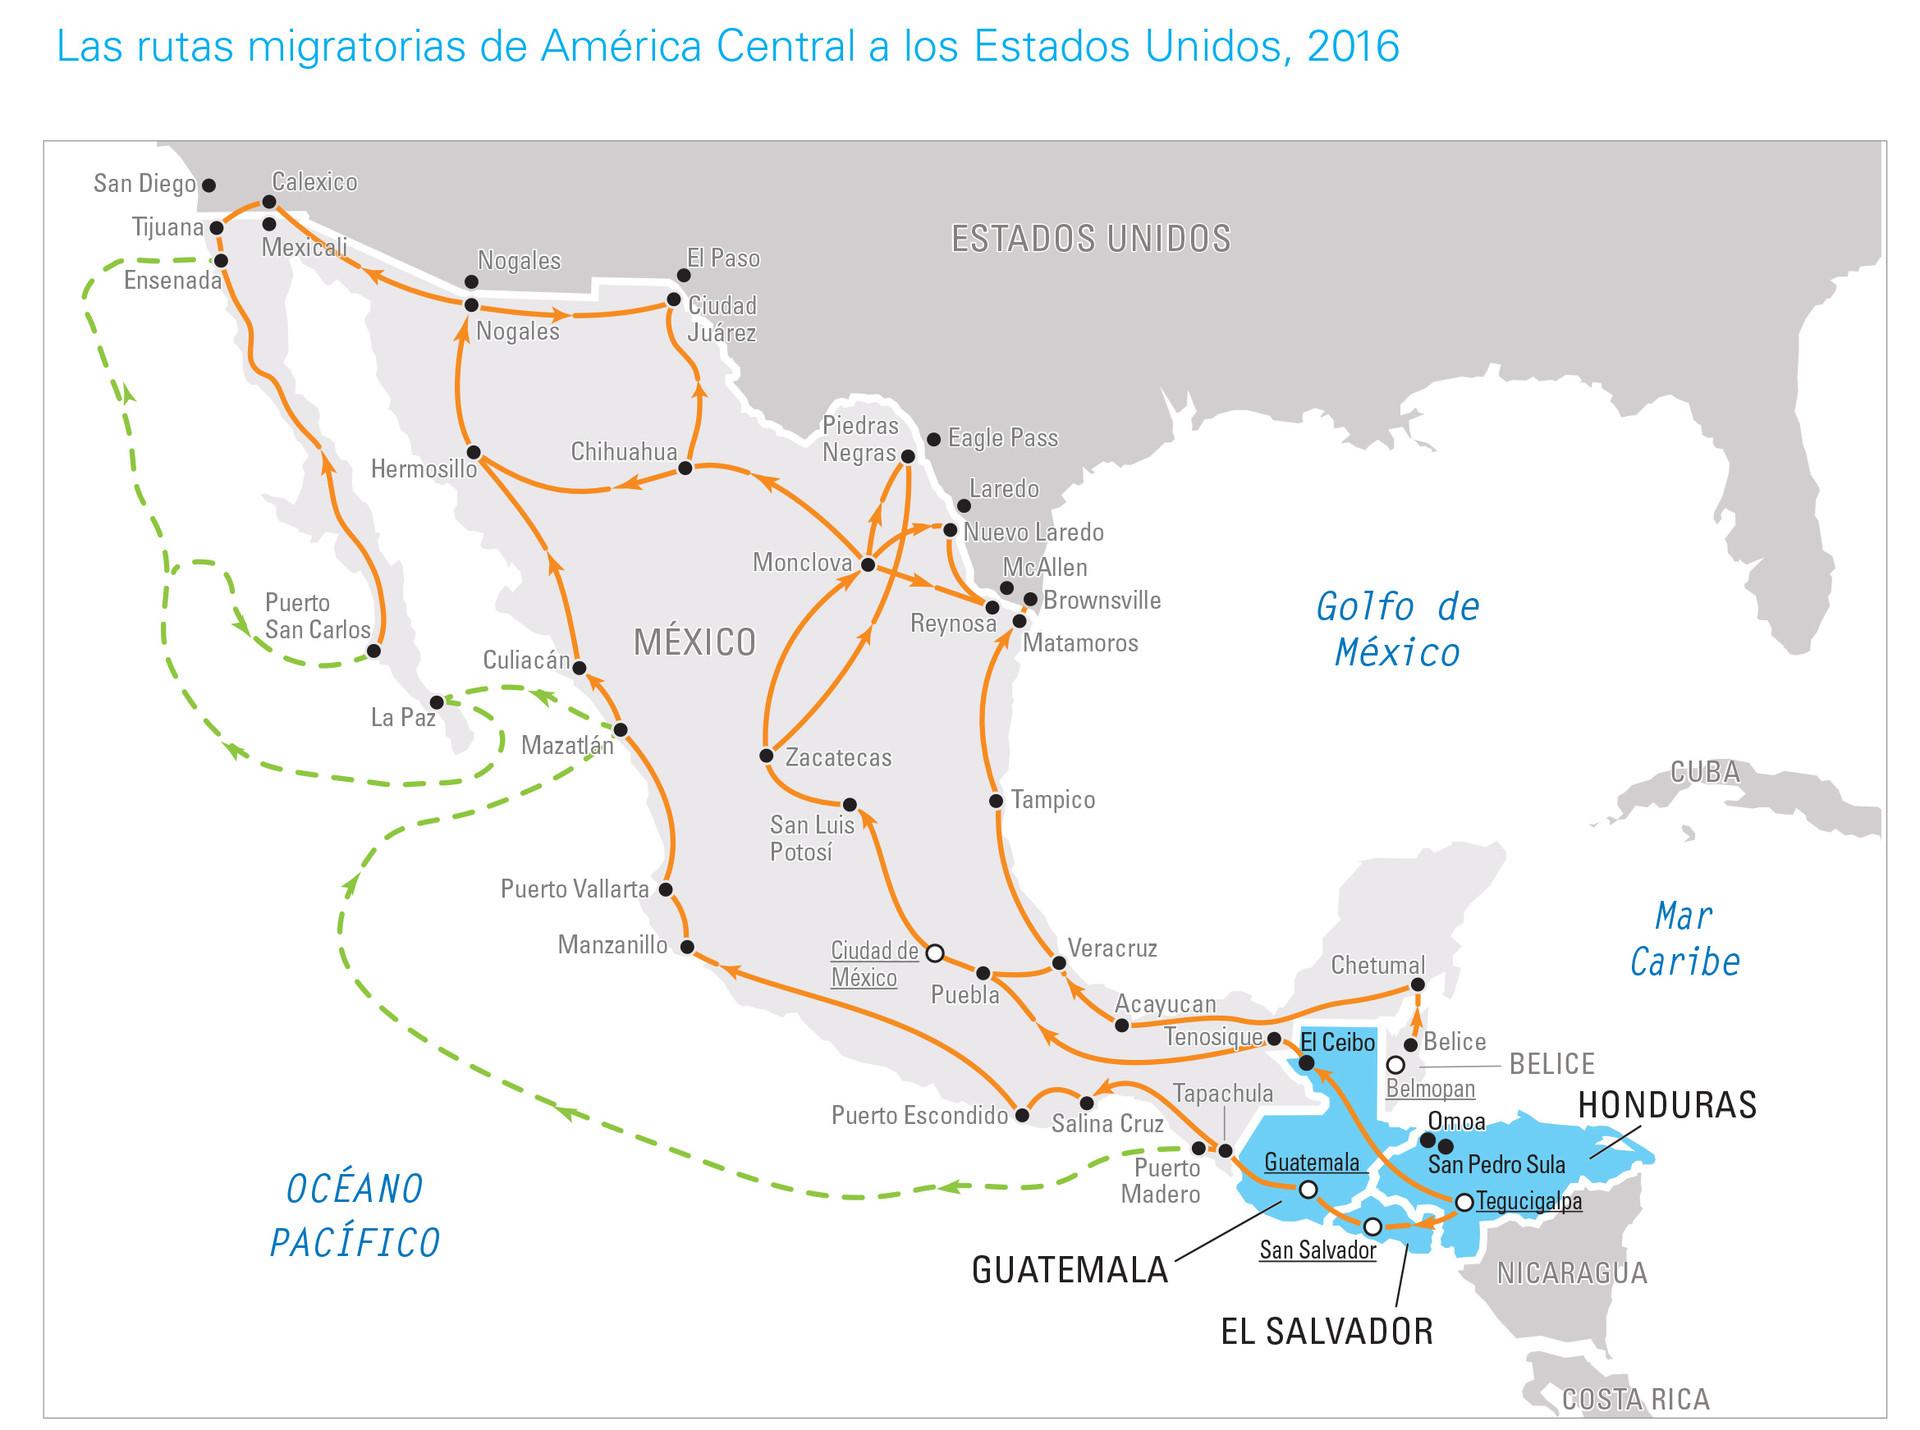 Fuente: Organización Internacional para las Migraciones (OIM), Migrant Routes: Americas 2016, Oficina Regional para América Central y del Norte y el Caribe de la OIM y OIM Costa Rica, marzo de 2016.